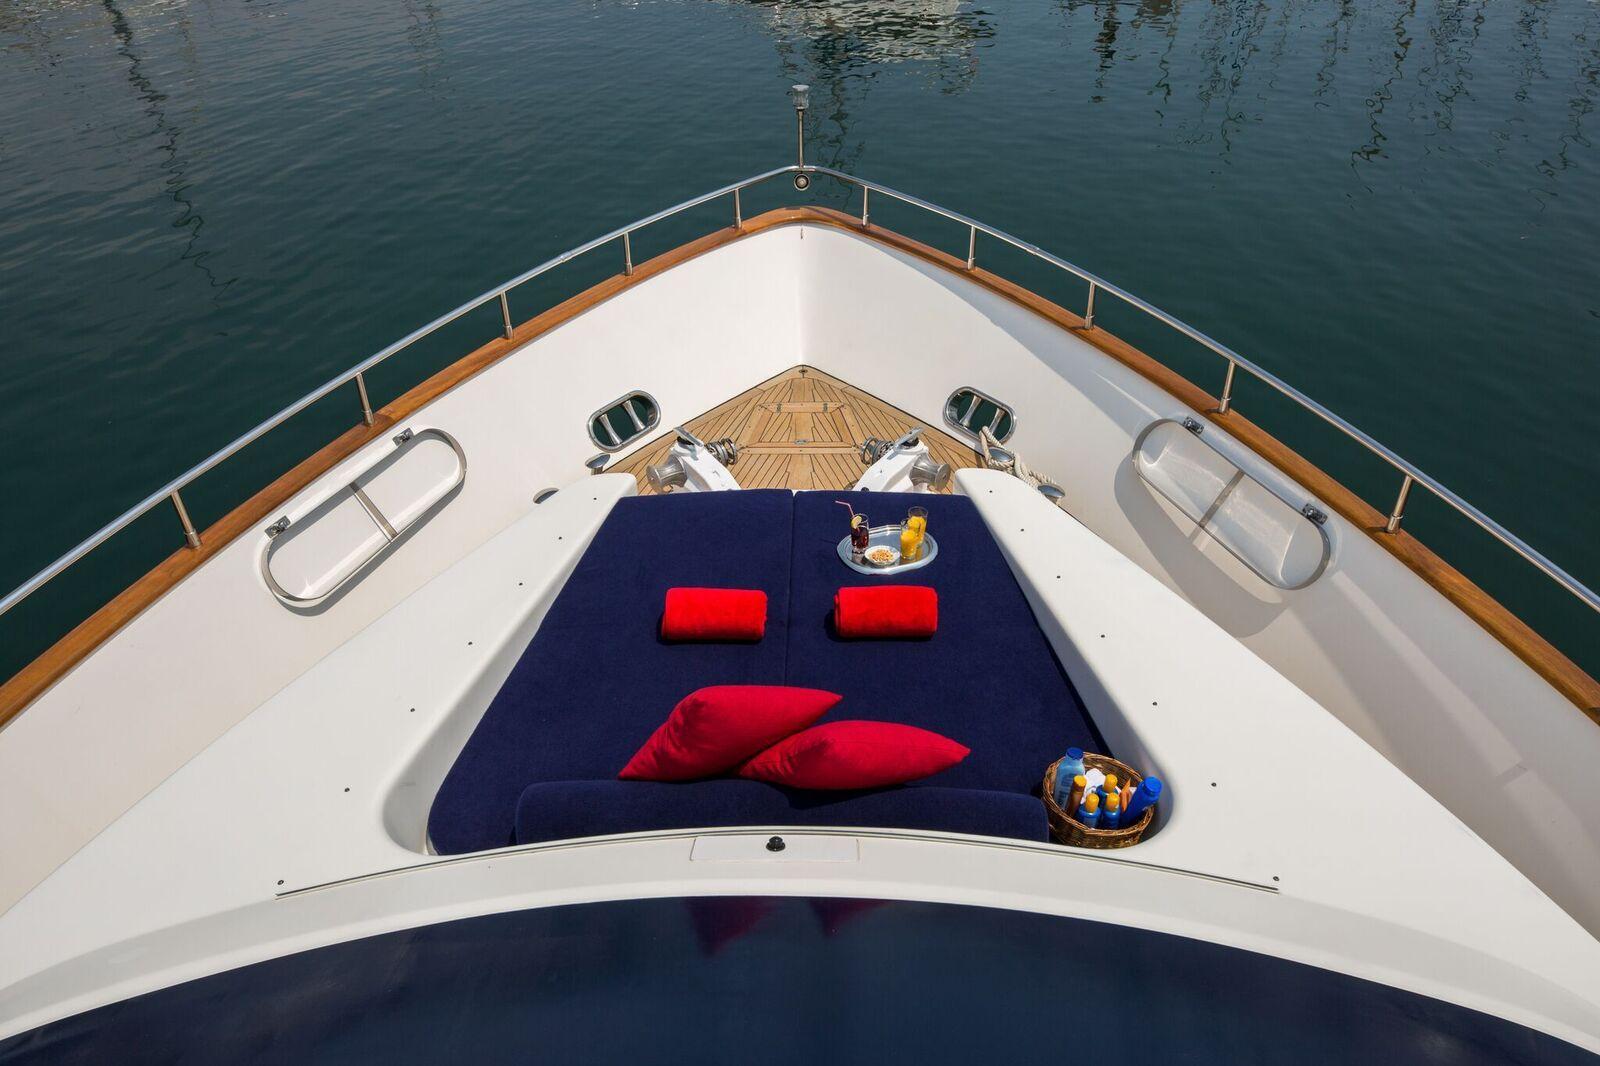 INDULGENCE OF POOLE Mangusta 86 Luxury Superyacht Bow